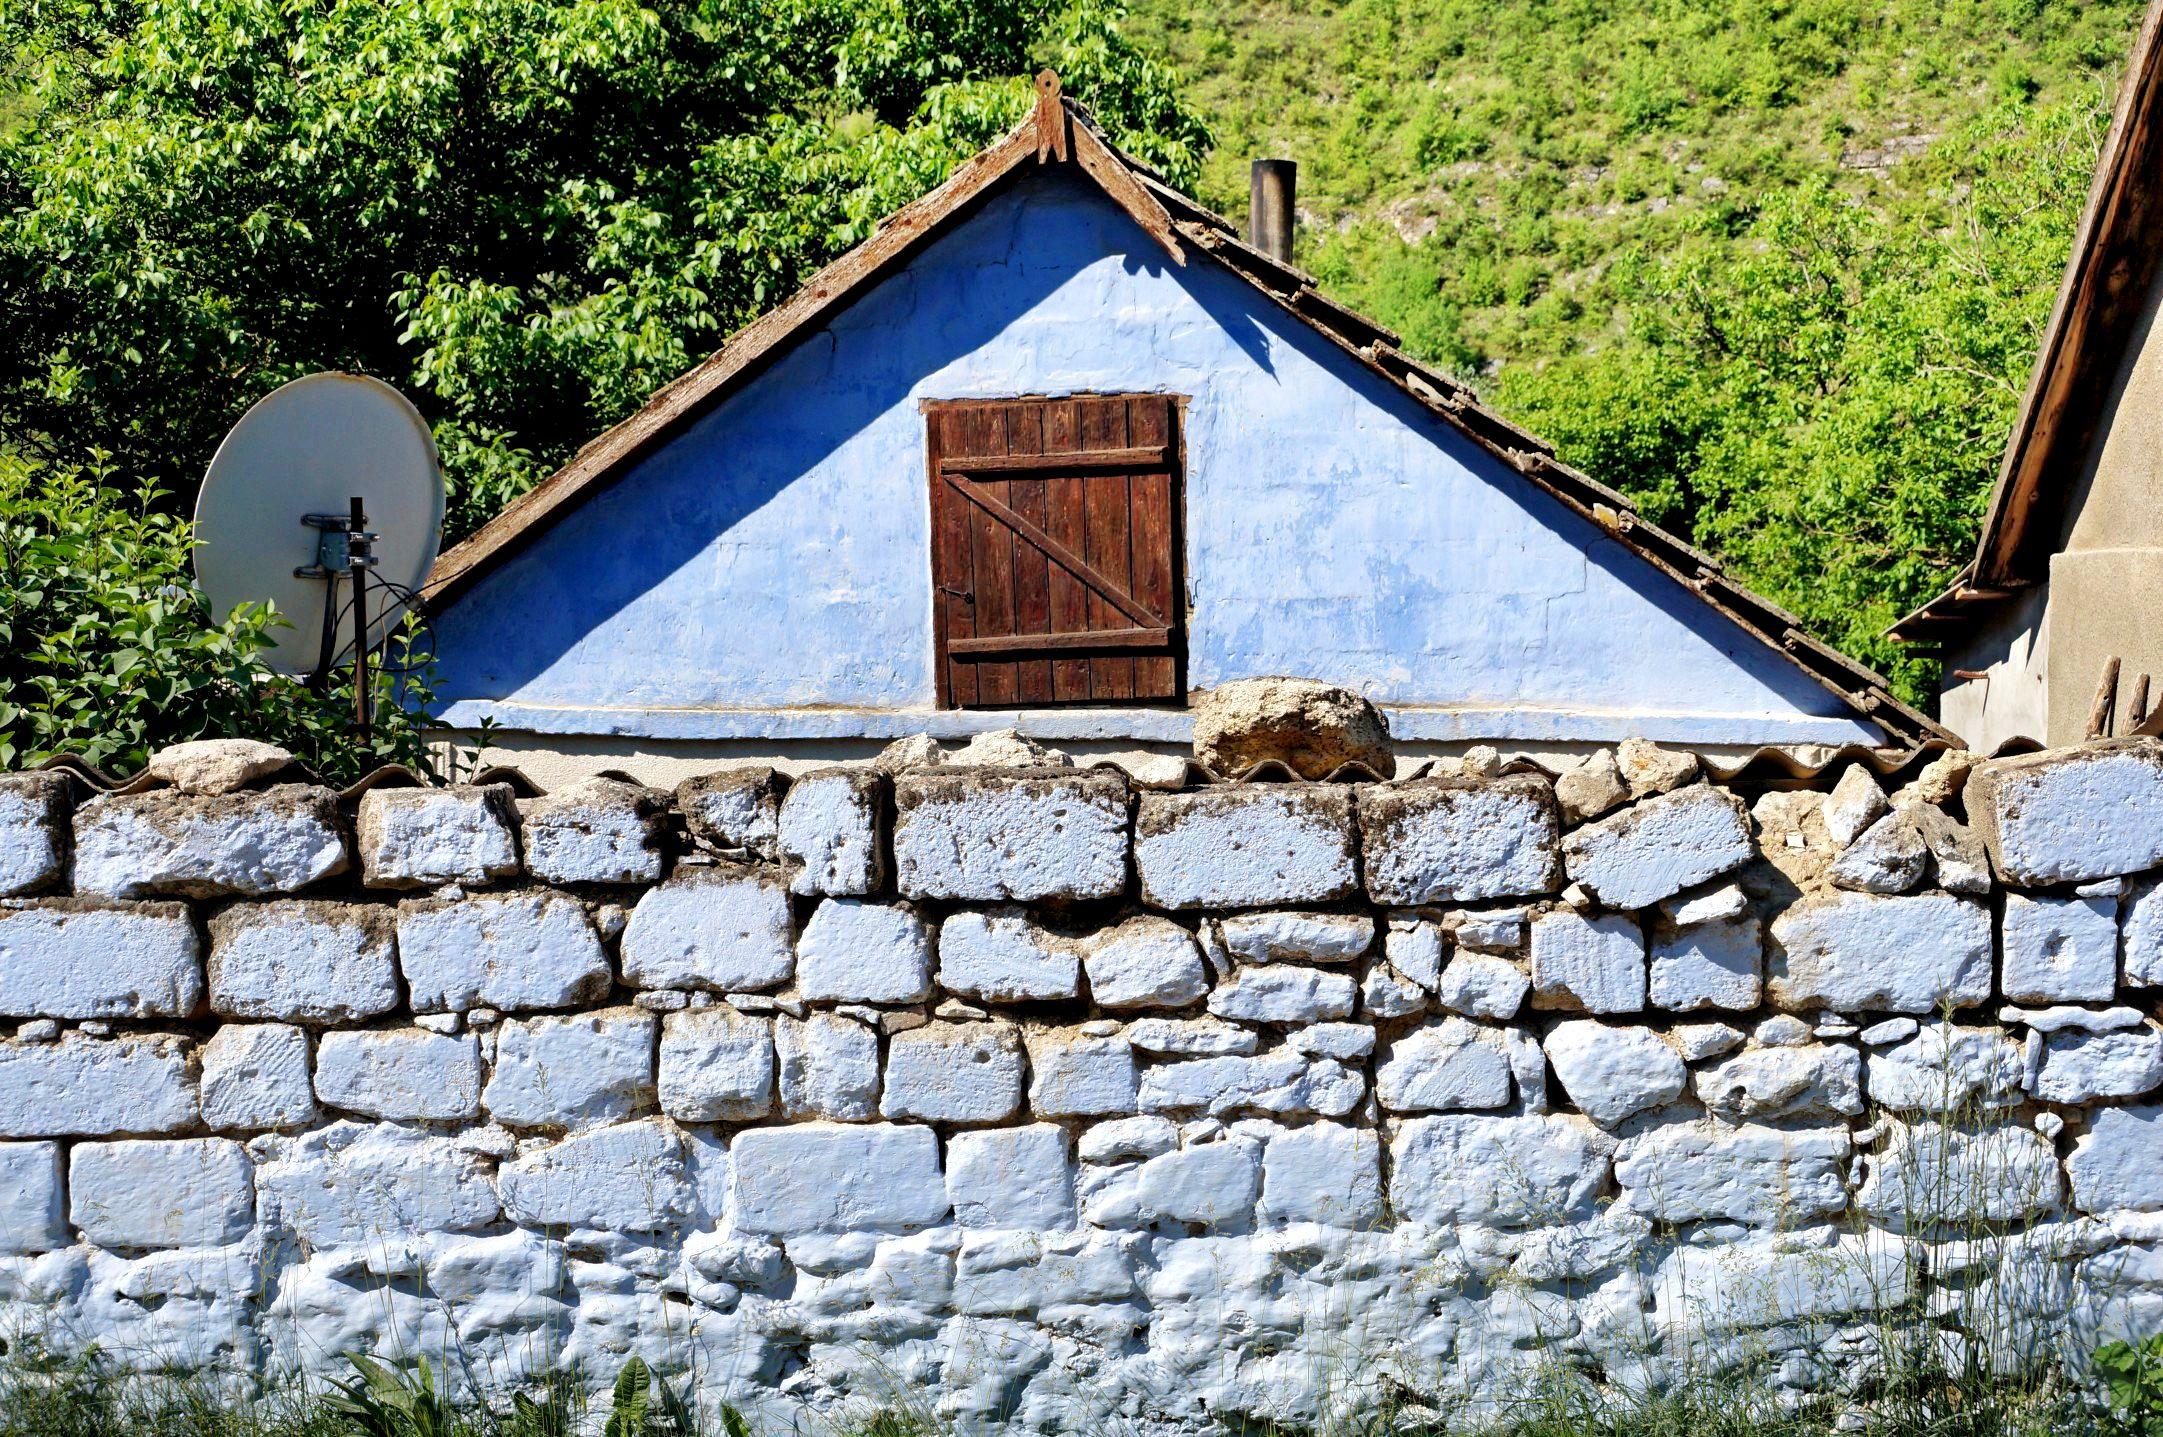 Aby zwiedzić Stare Orhei wylądowałem najpierw we wsi Butuceni